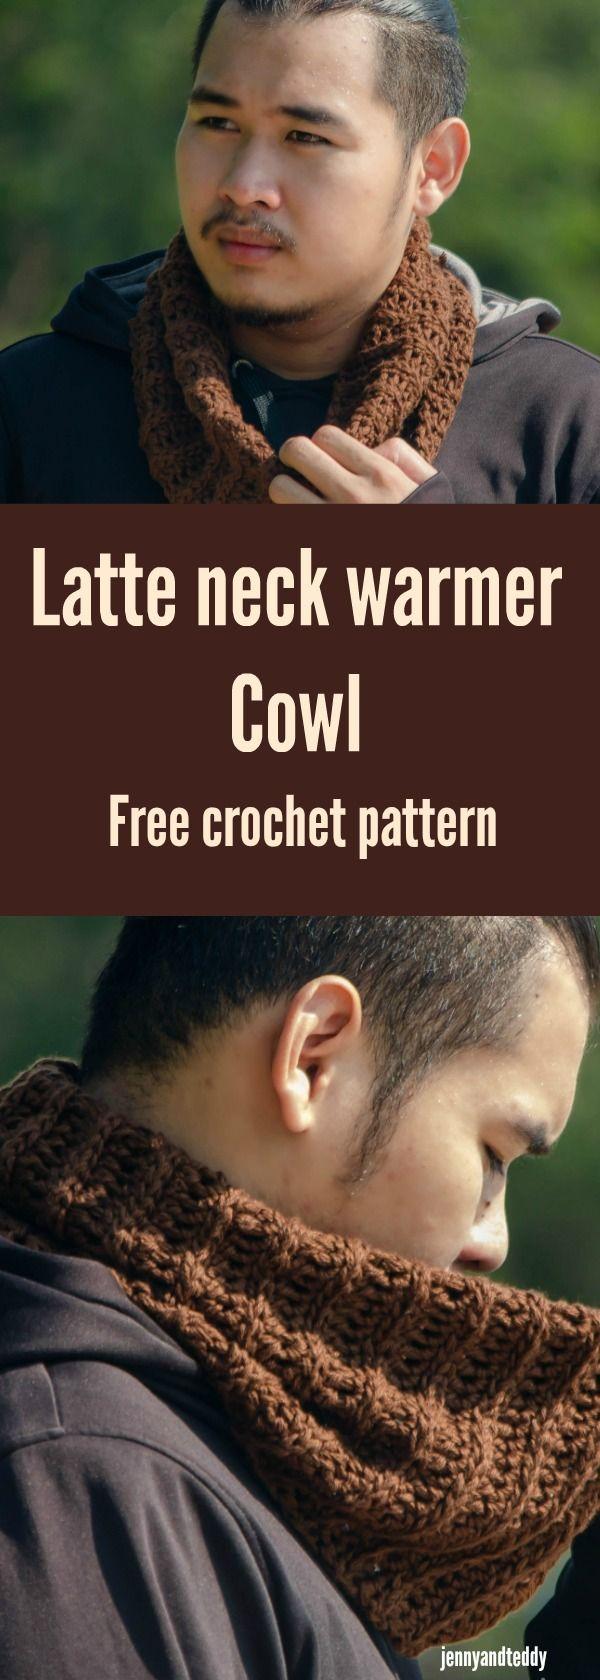 Free crochet neck warmer cowl pattern easy tutorial by jennyandteddy